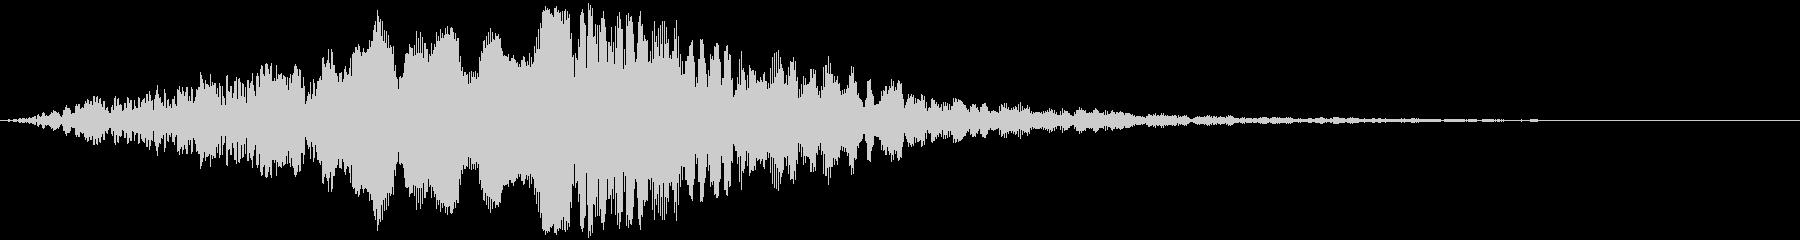 ブーン!!(映画タイトル・サウンドロゴ)の未再生の波形